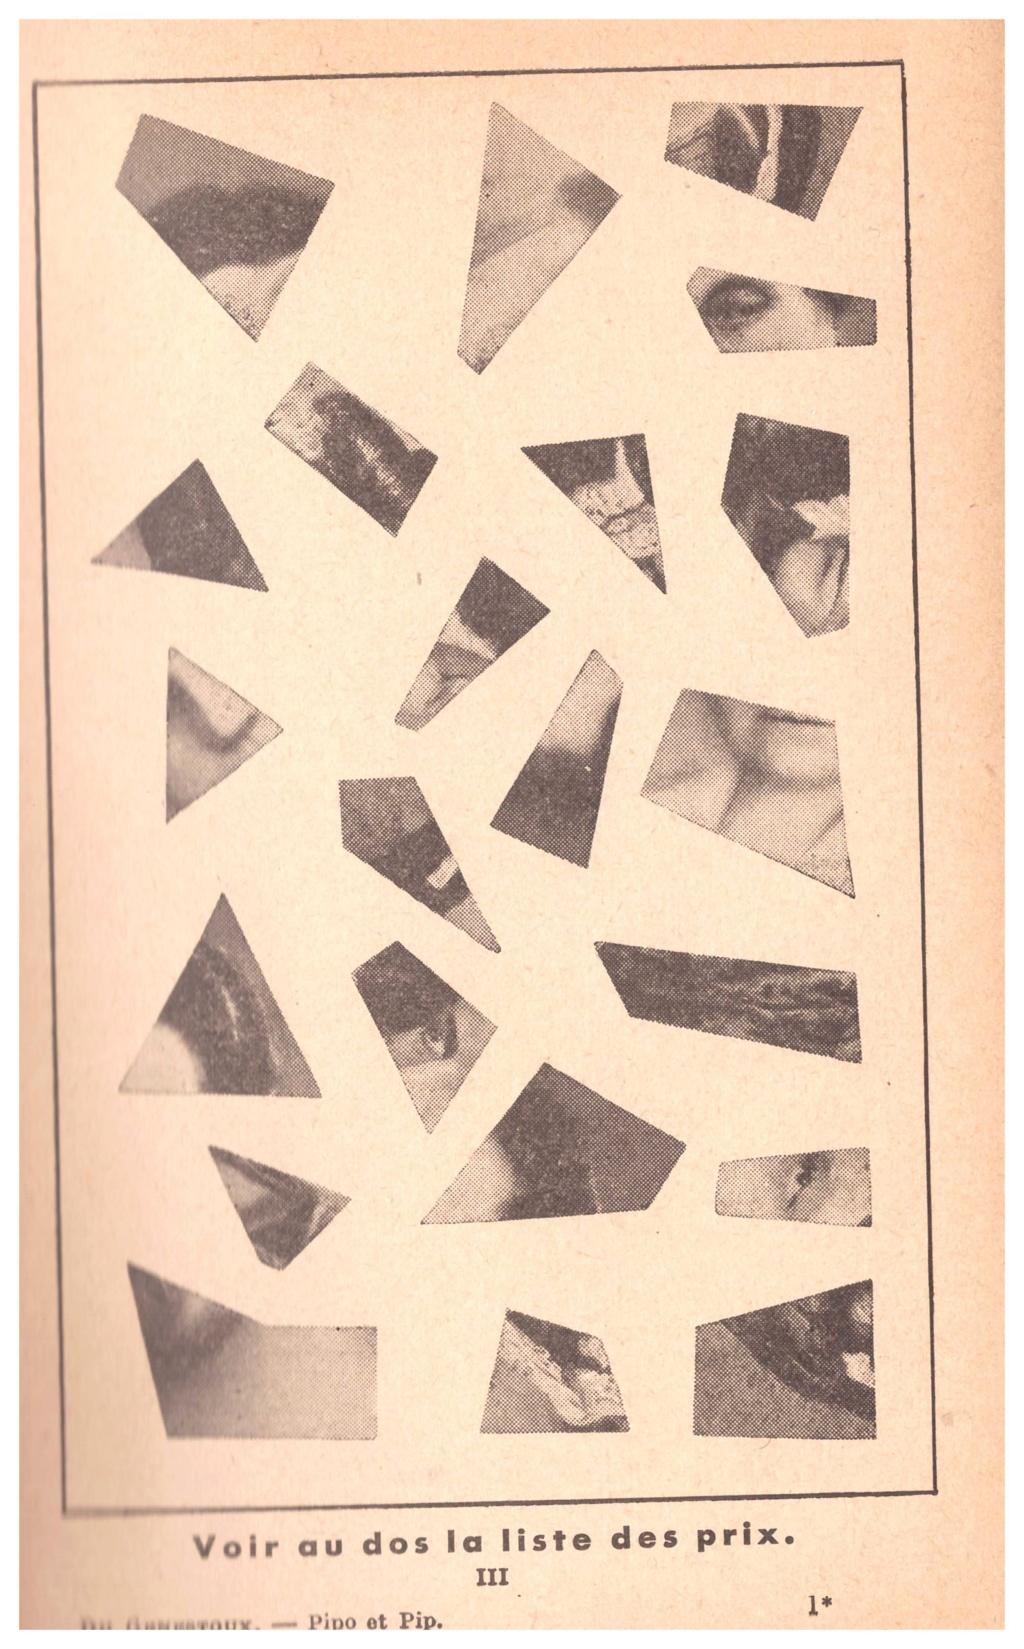 Grand concours de la bibliothèque rose - Page 2 Num_2032